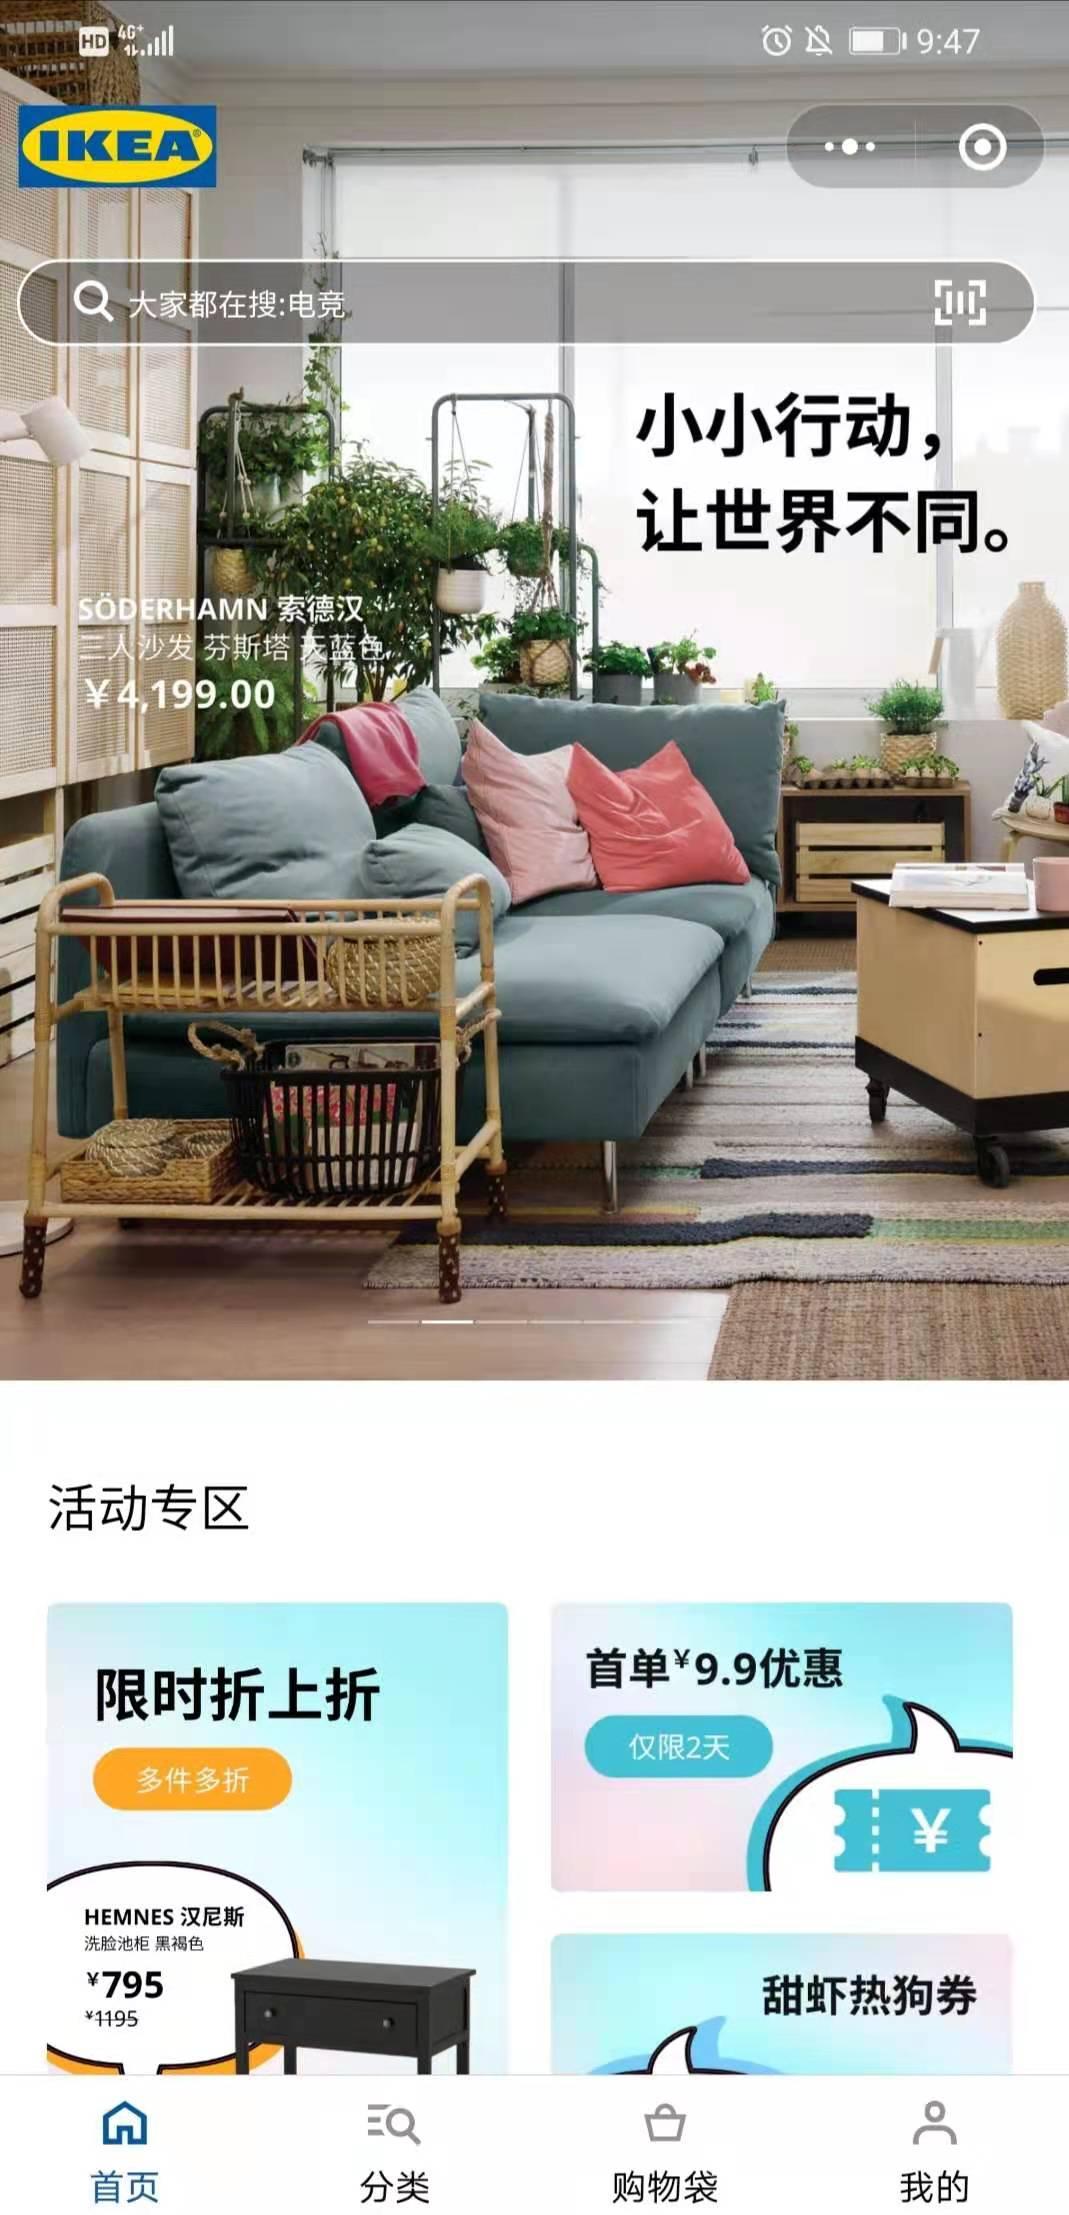 IKEA宜家家居小程序商城首页